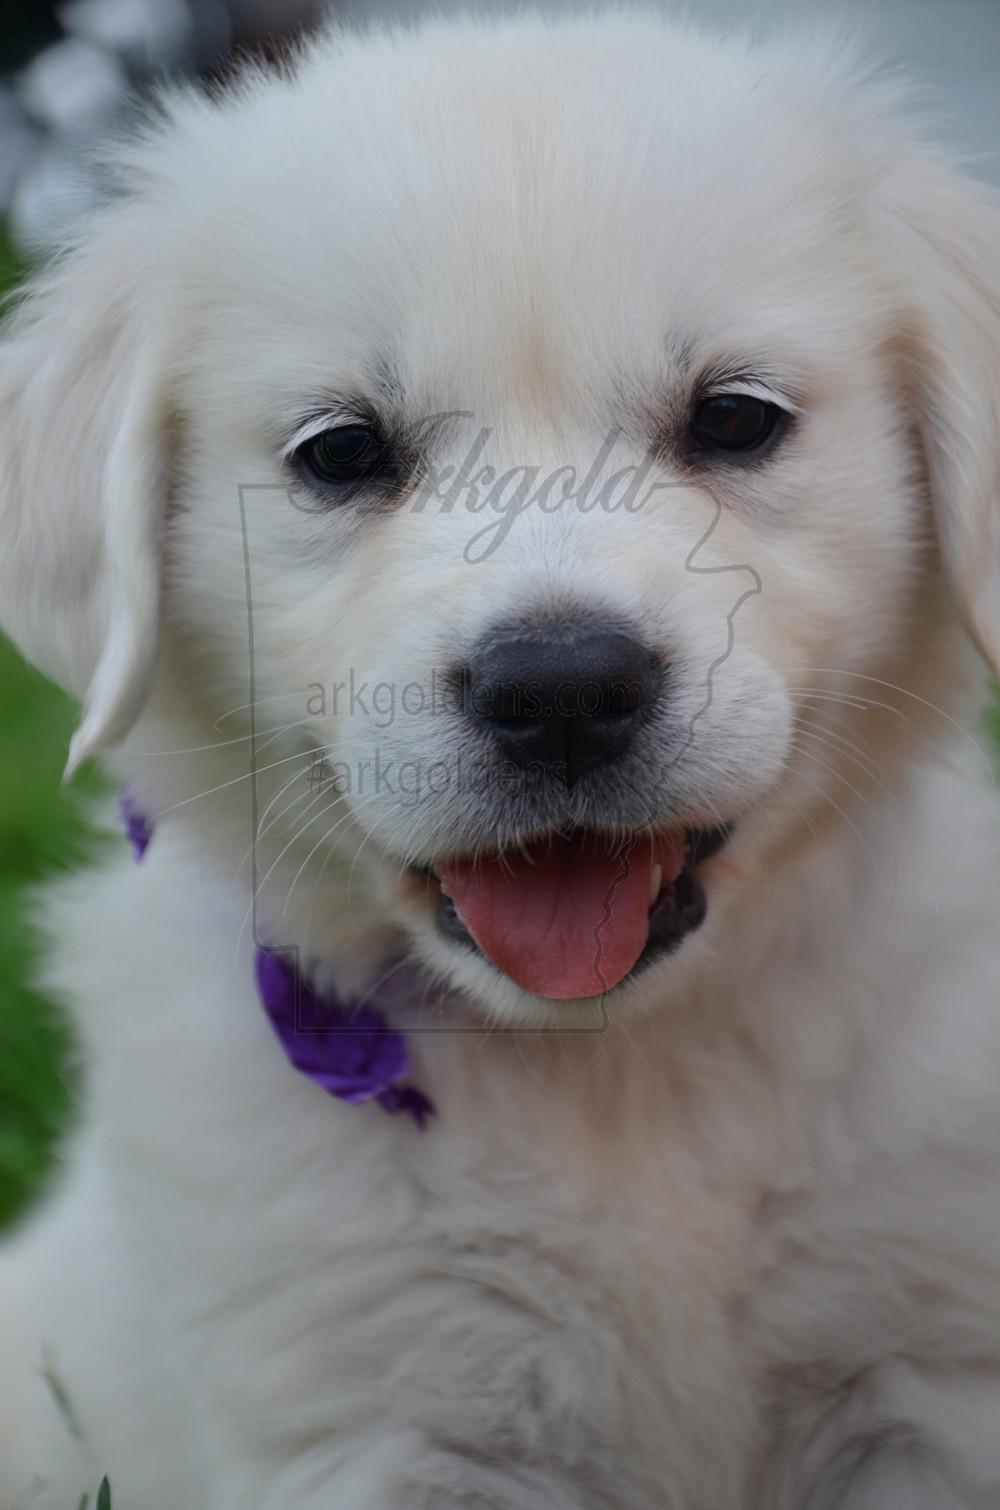 Cute Puppy Face Golden Retriever ARKGOLD